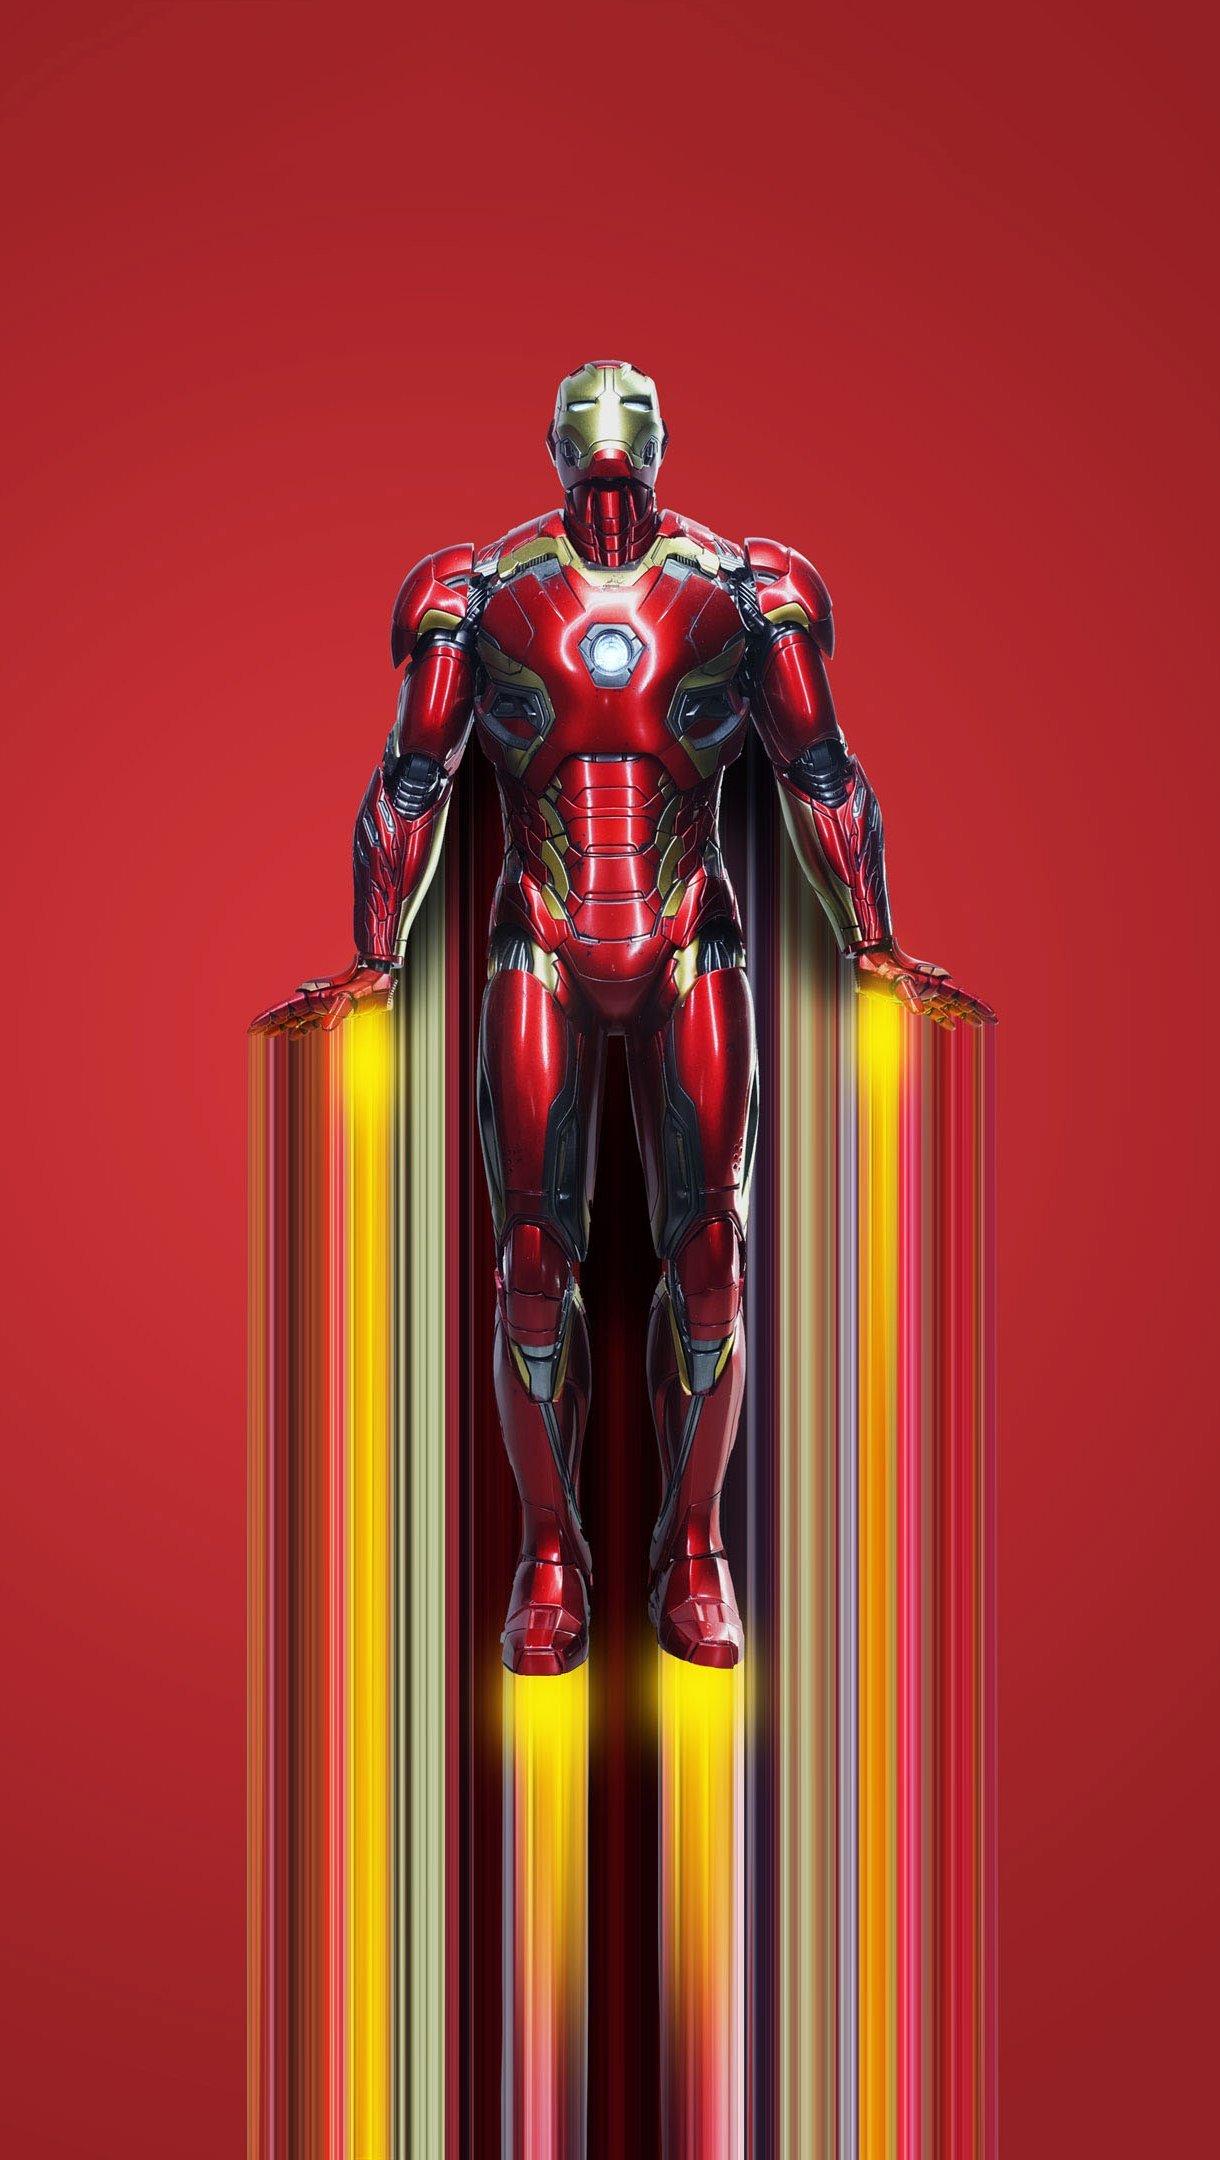 Fondos de pantalla Iron man volando 2020 Vertical